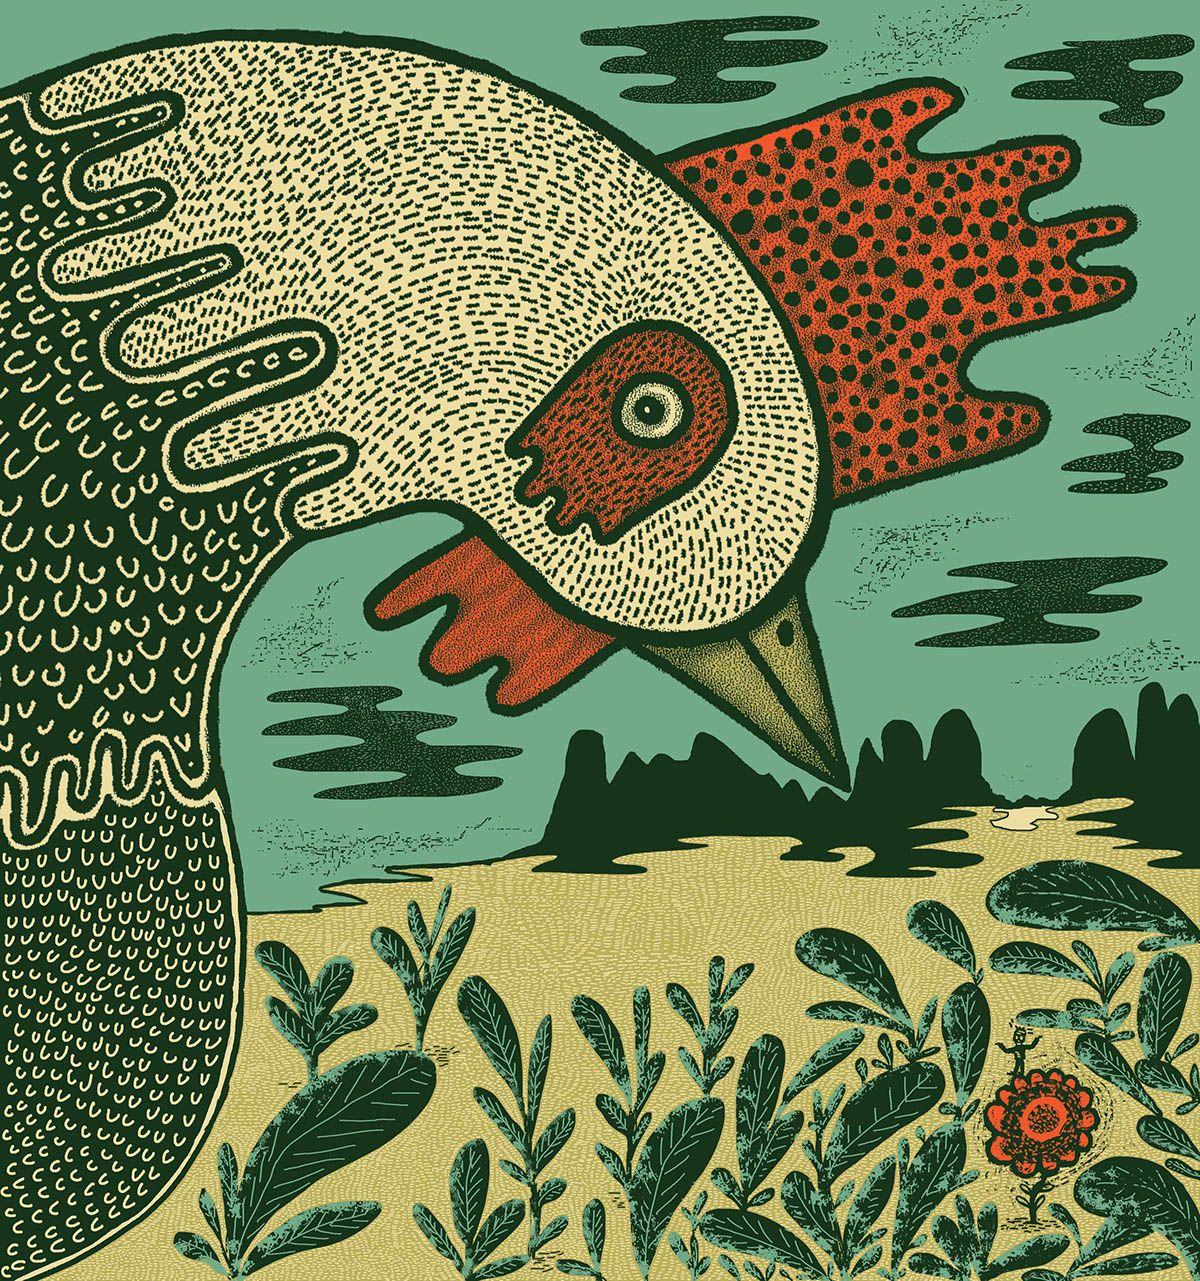 El sueño del gallo. V catalogo iberoamericano. on Behance